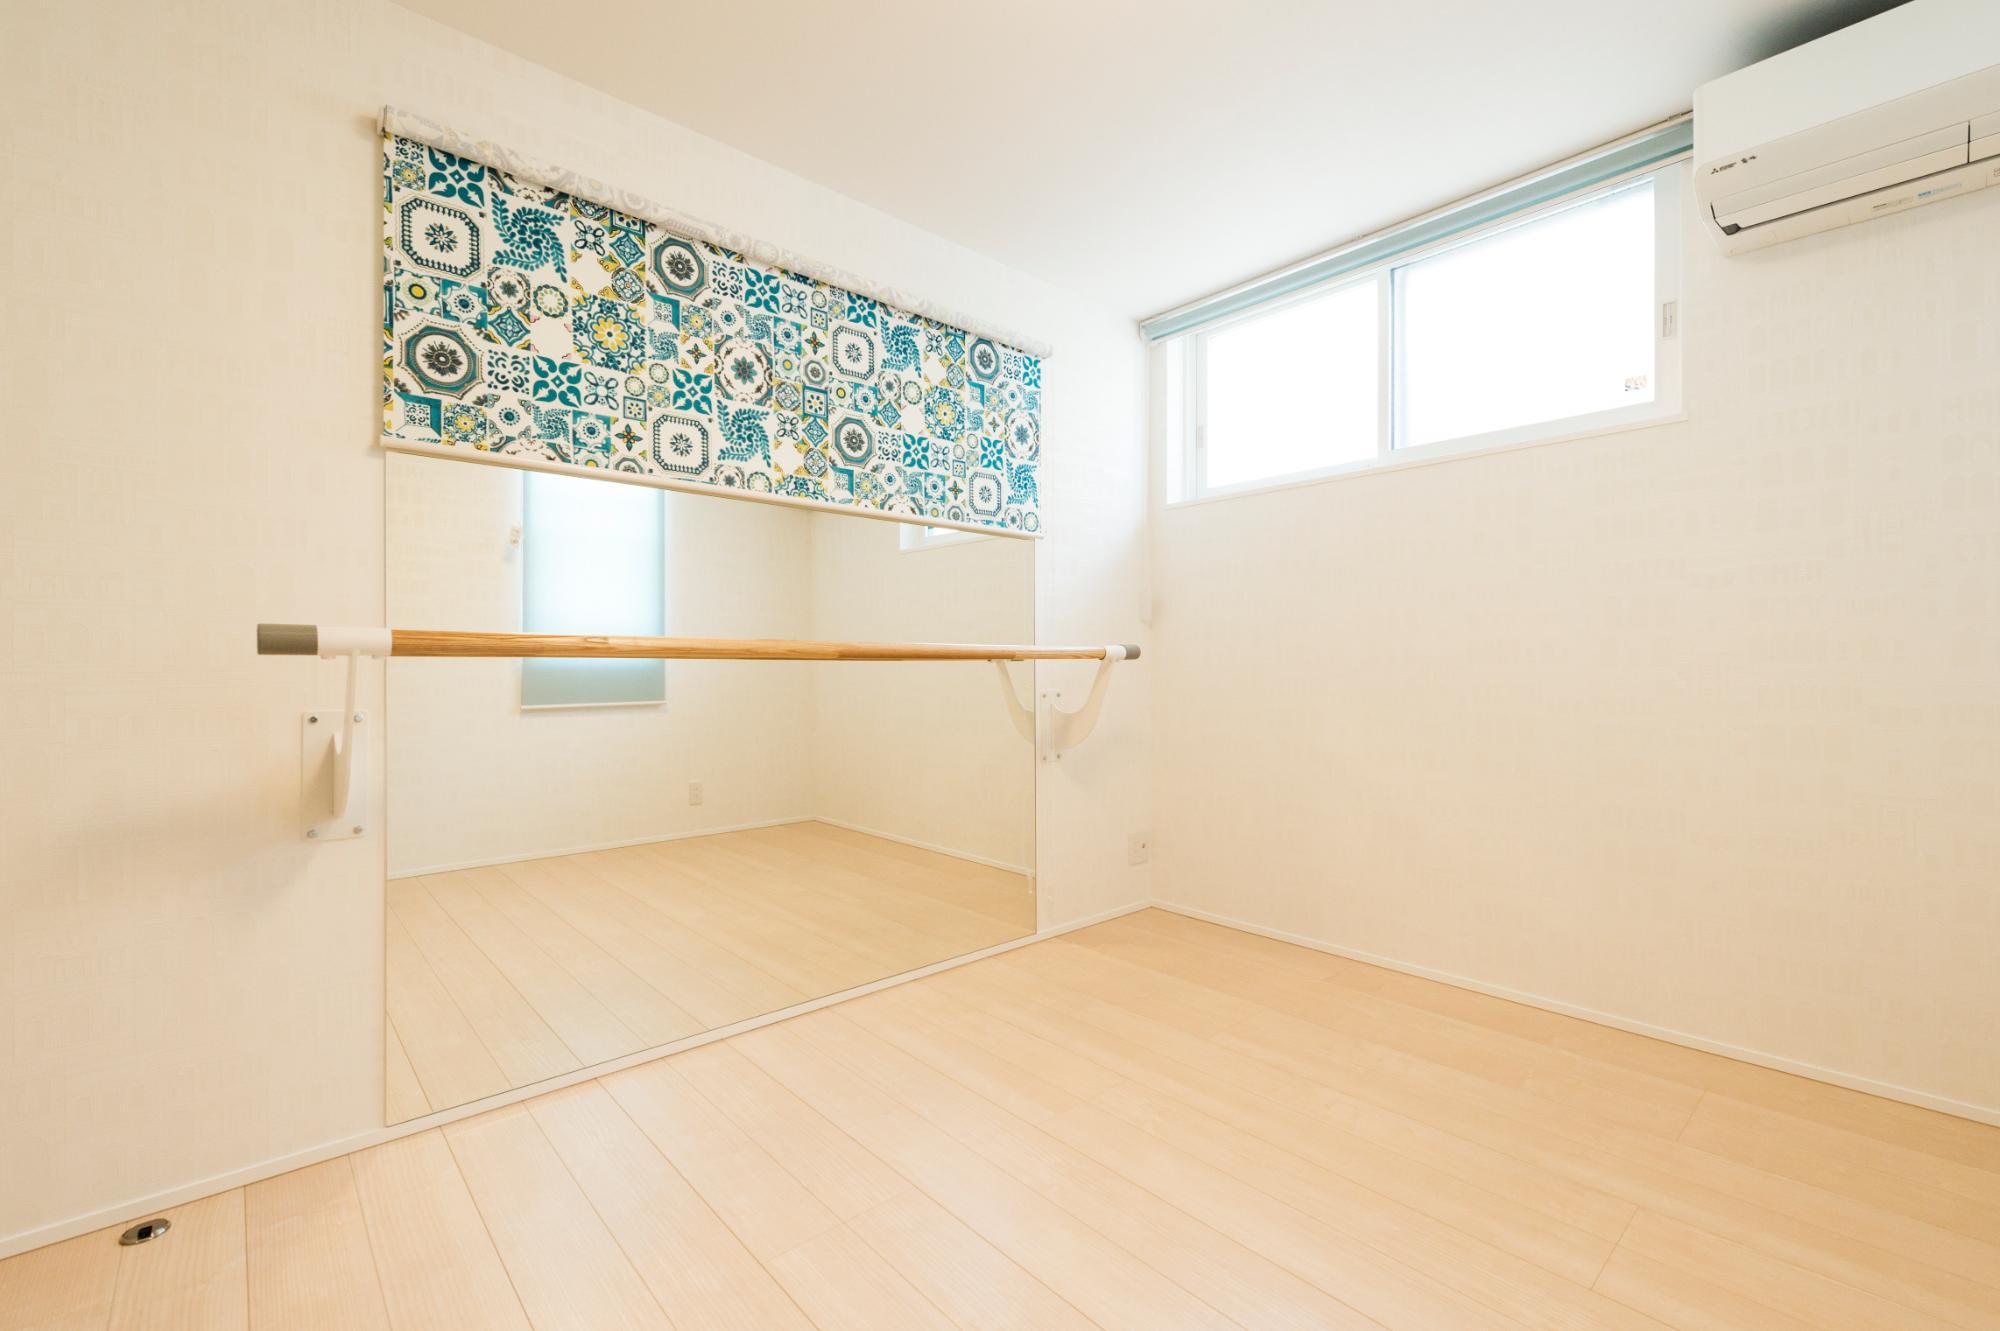 フクダハウジング株式会社「どこに居ても気持ちよくリラックスできる家」のシンプル・ナチュラルな居室の実例写真